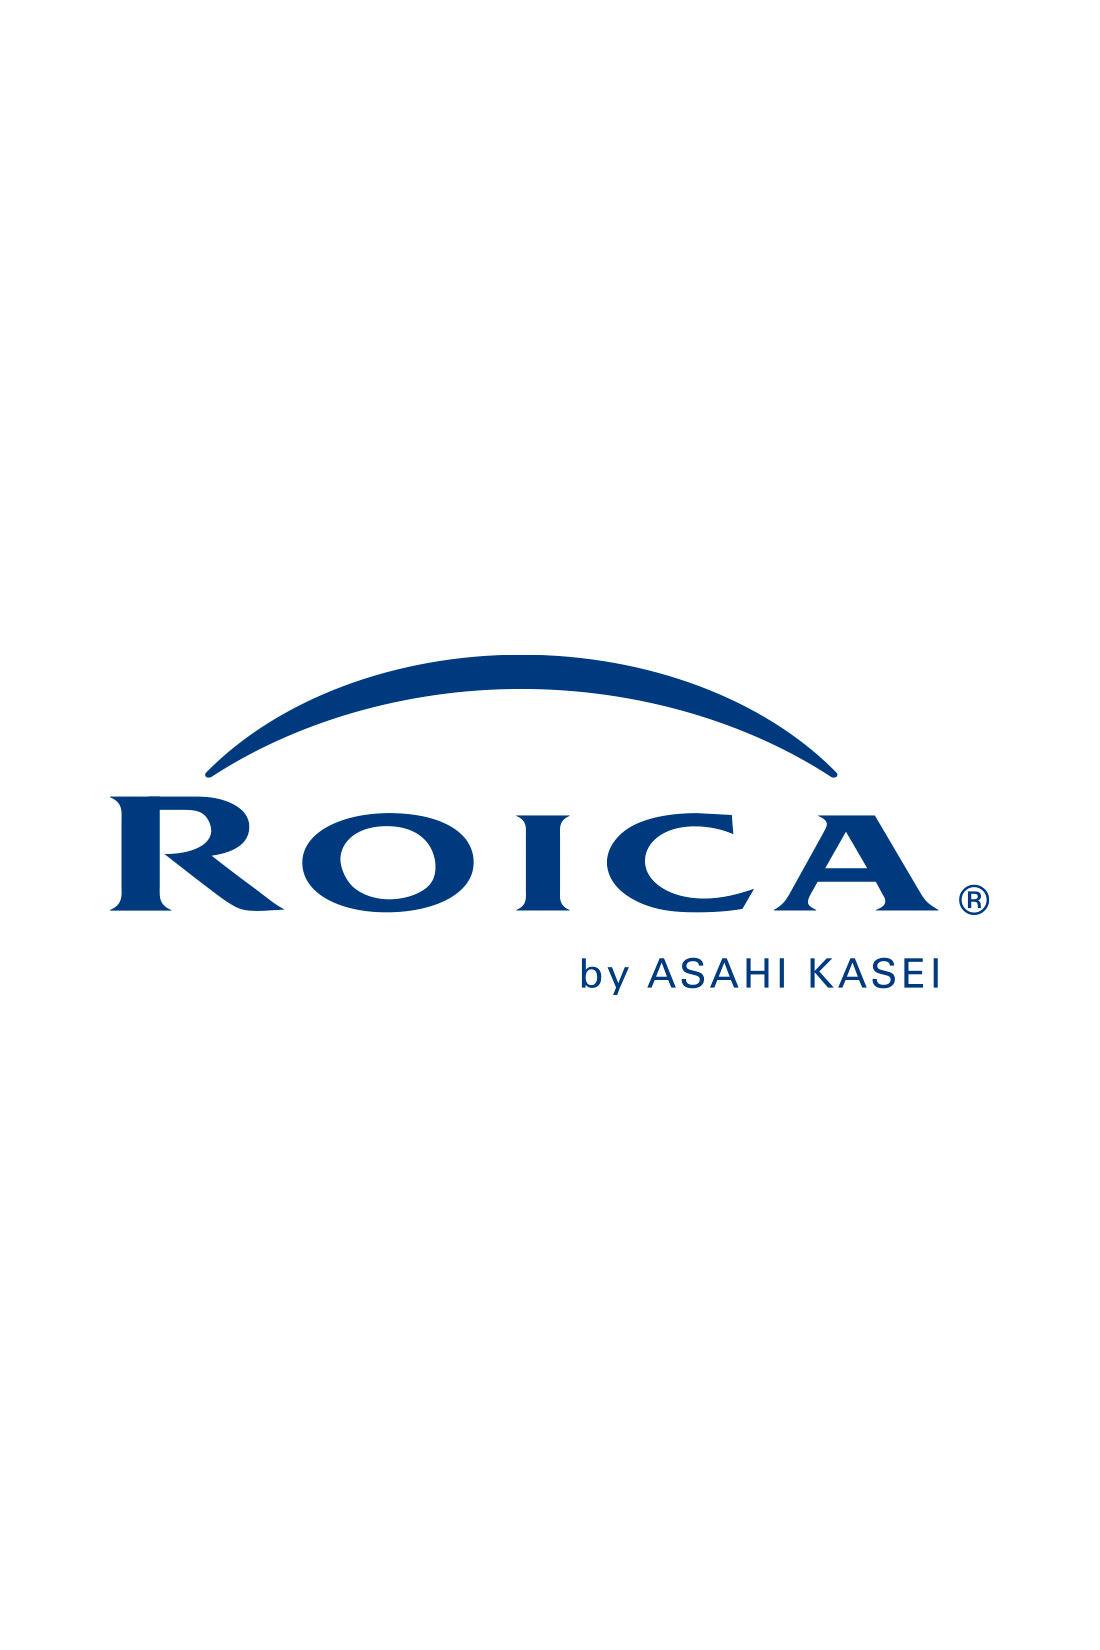 「ROICA(R)」はストレッチ性に優れ、体に心地よくフィットする旭化成(株)の高品質ウレタン繊維です。